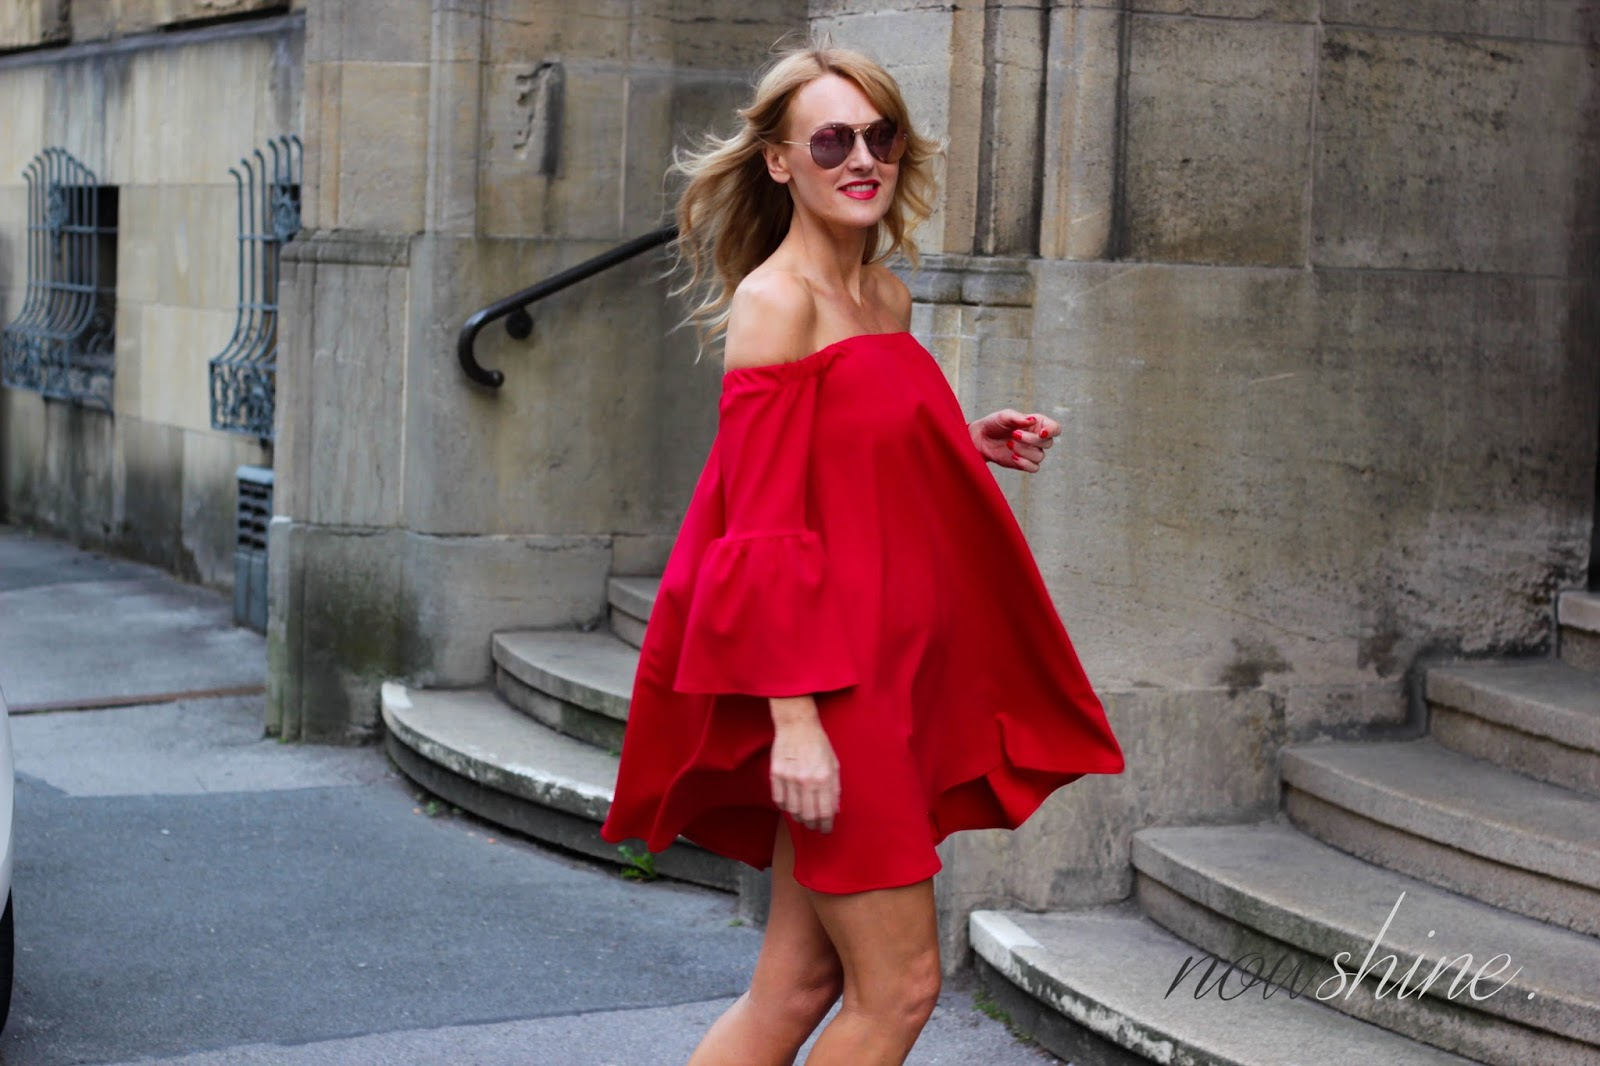 Detaillierung hoch gelobt überlegene Materialien Teure – Asos Rotes Kleid Kurz Abendkleider b76fgy